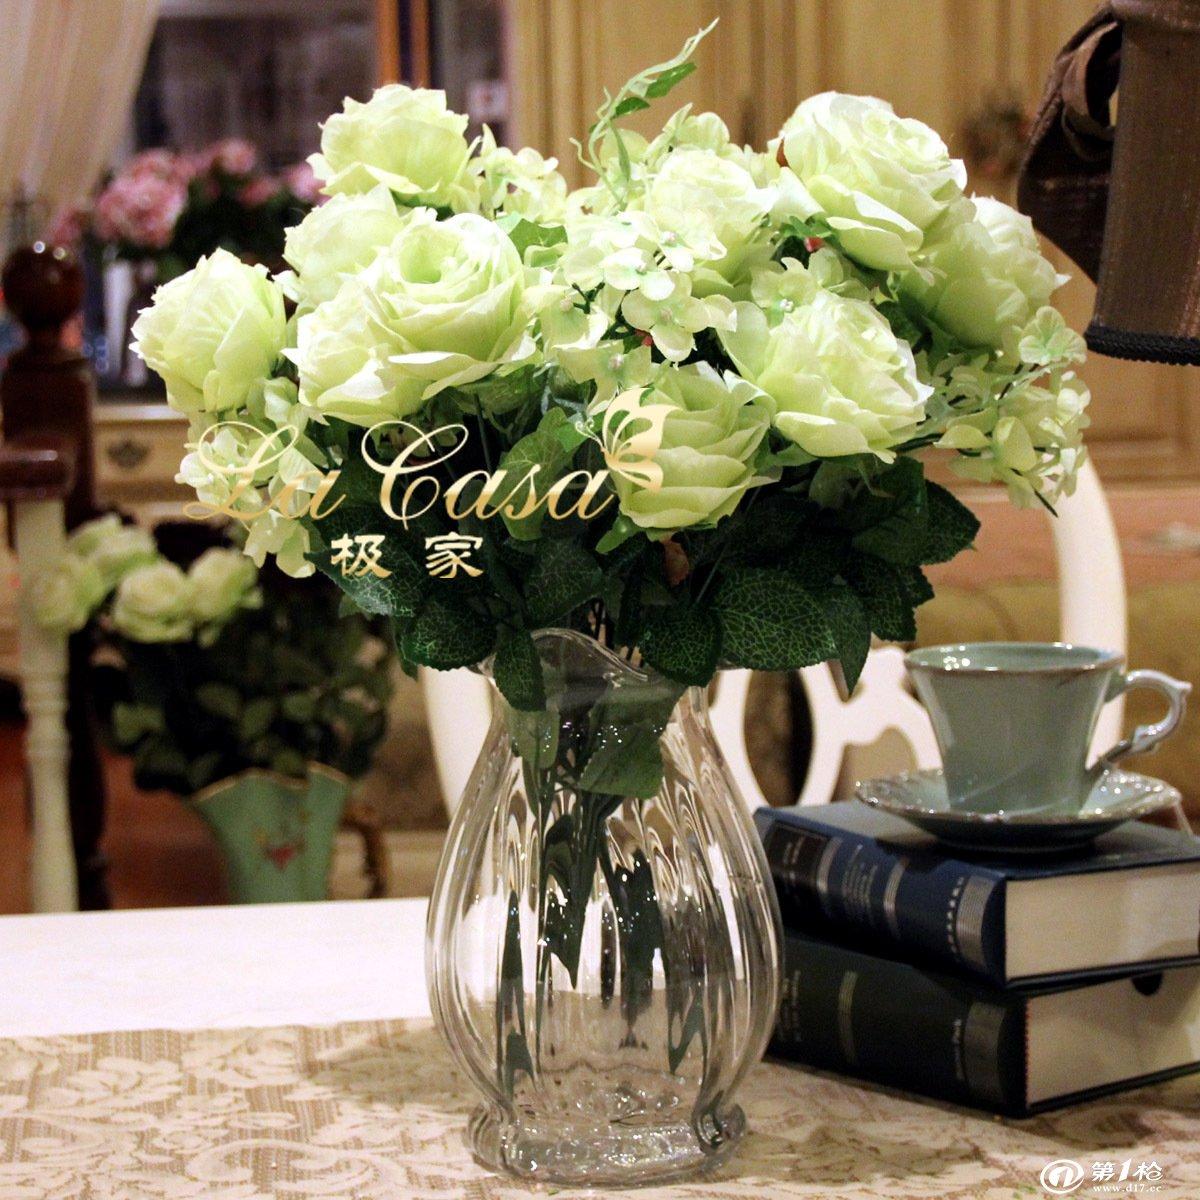 外贸欧式马蹄莲口玻璃小号花瓶+2雅典玫瑰彩色浮雕花瓶波浪口花插